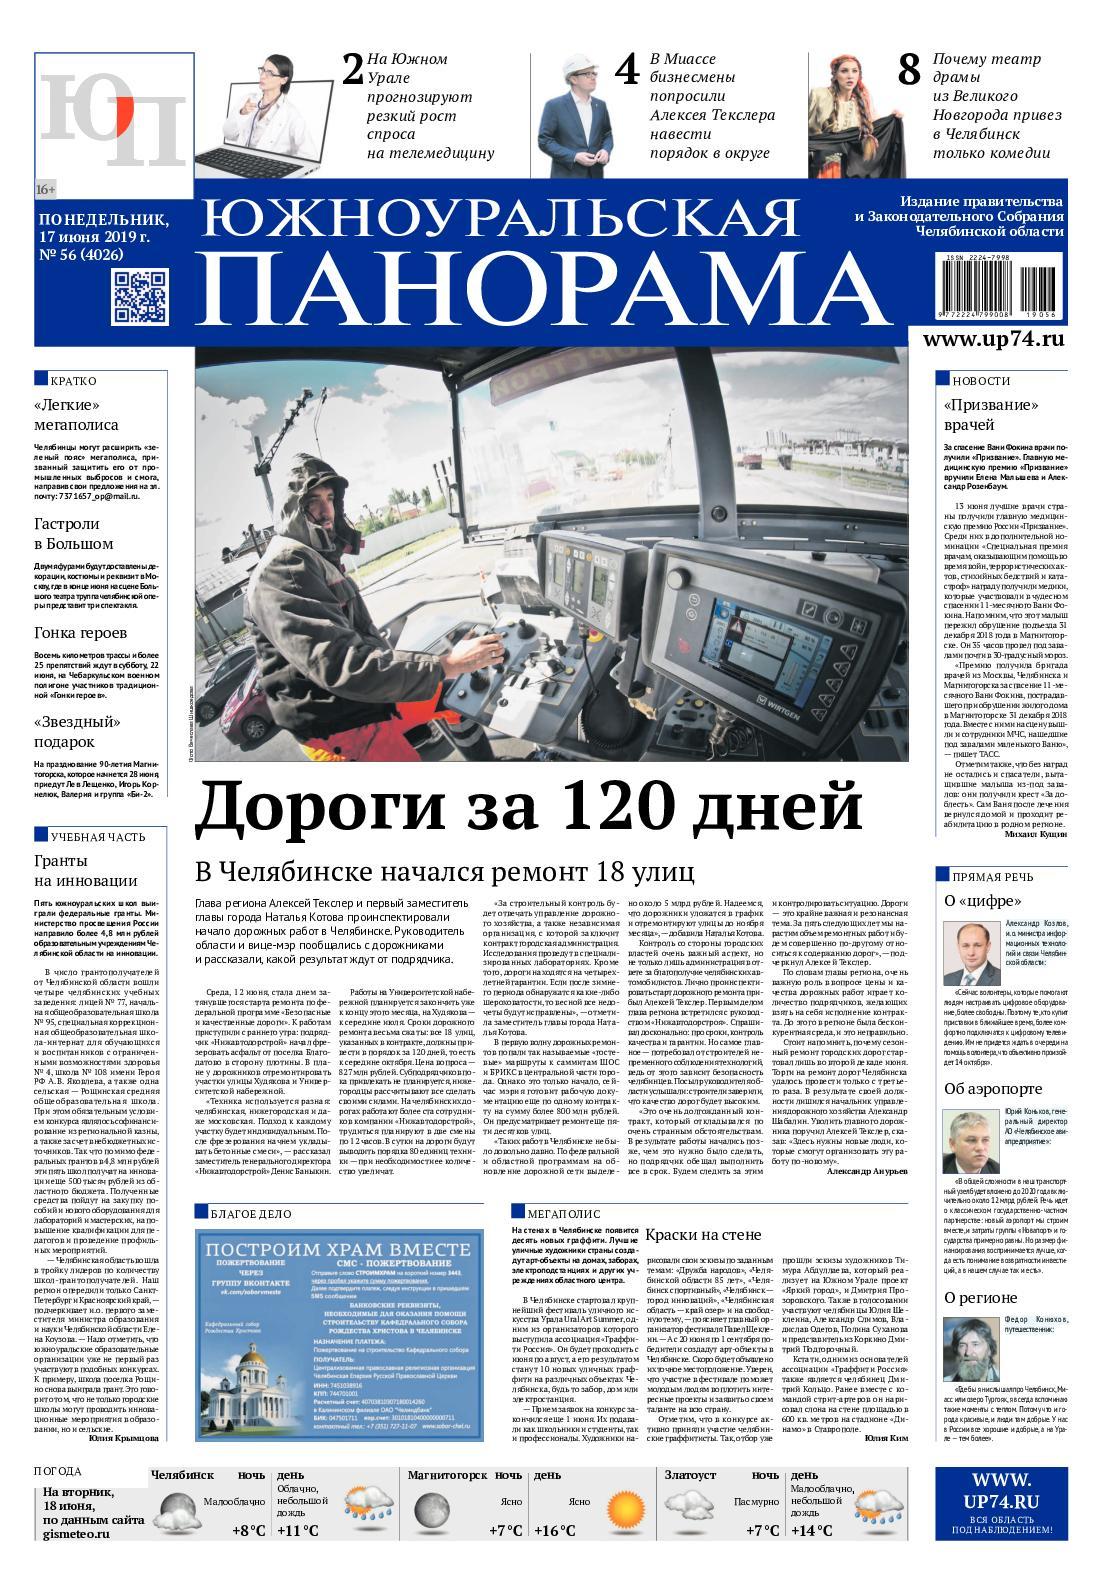 Кредит с низкой процентной ставкой в иркутске